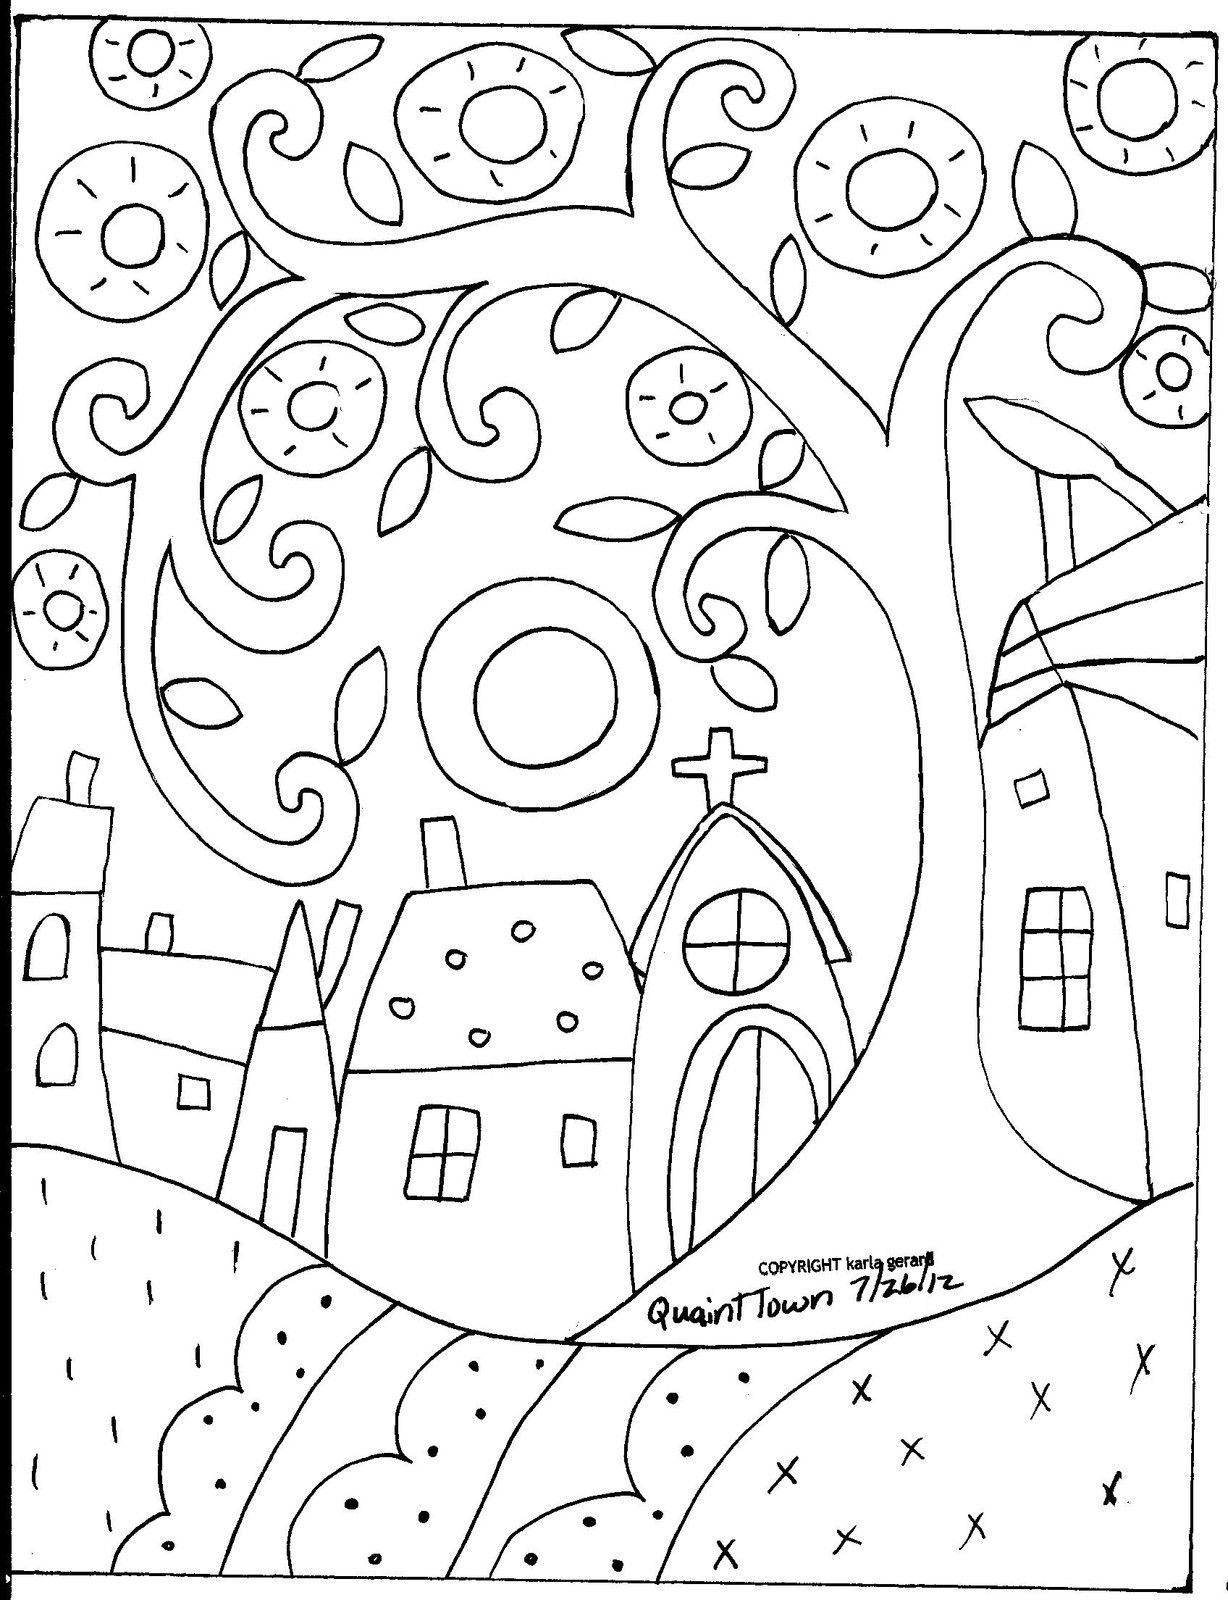 Details About Rug Hooking Paper Pattern Quaint Town Folk Art Modern Primitive Unique Karla G